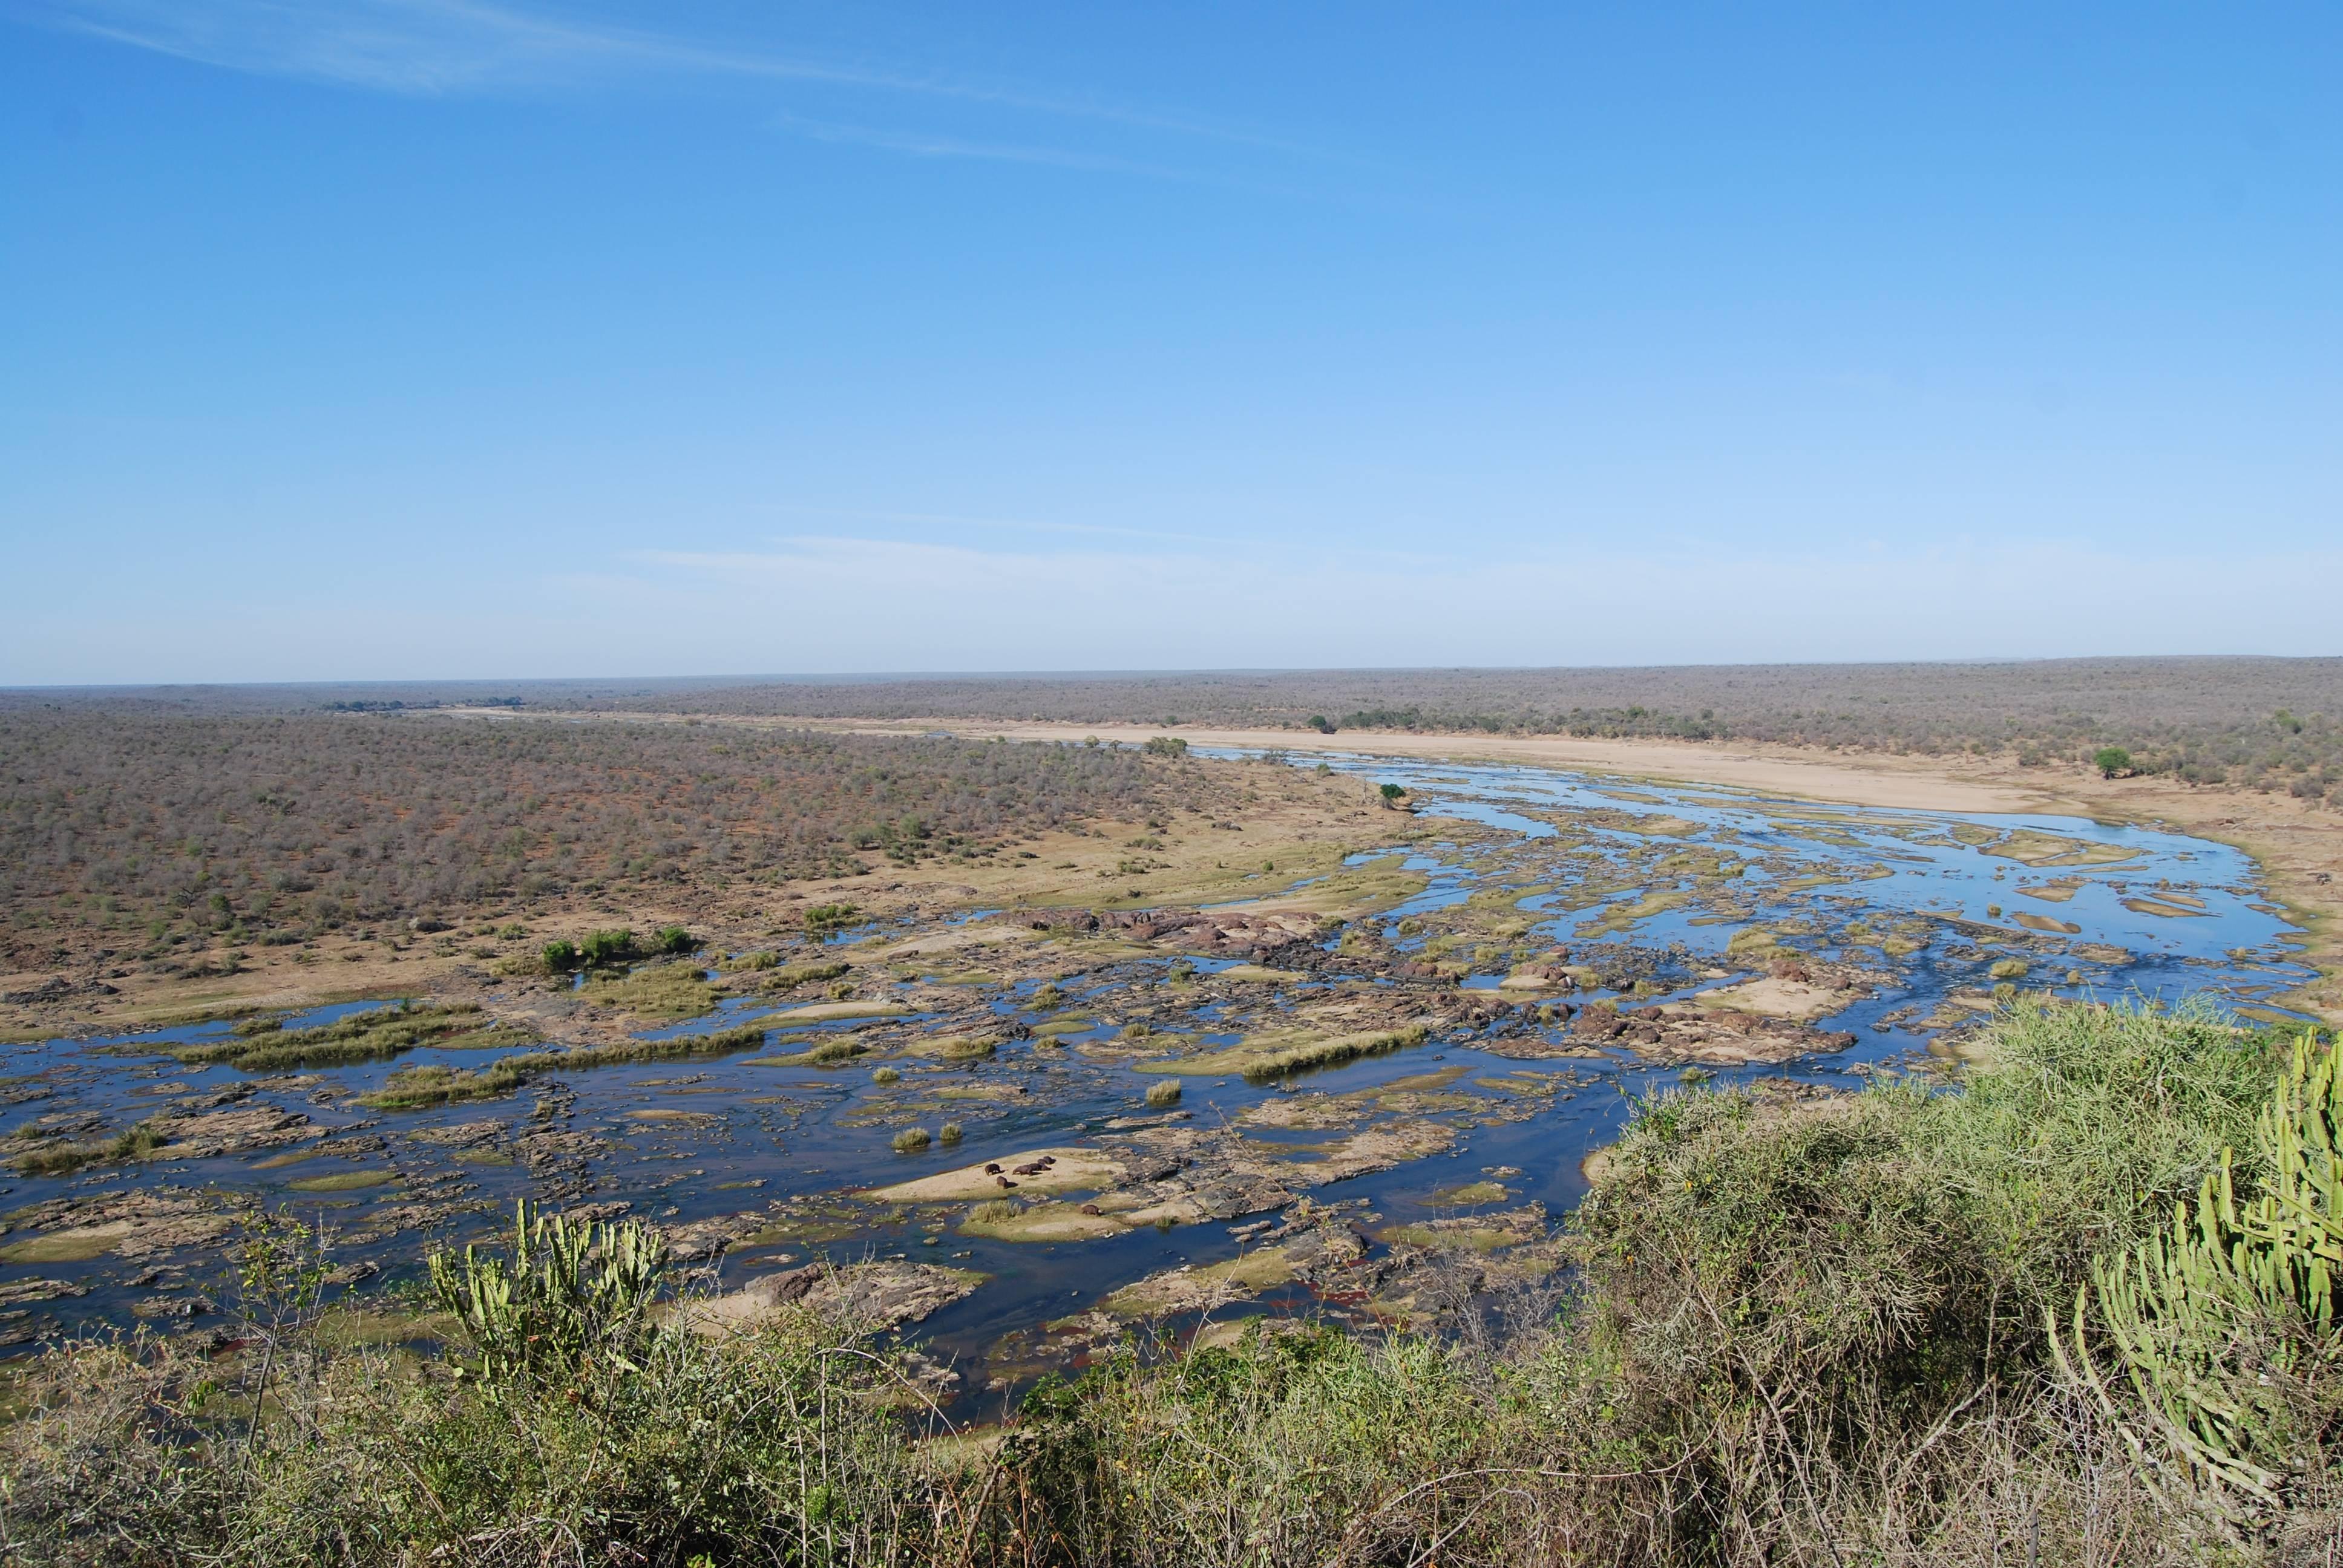 Photo 2: Olifants, un des meilleurs herbergements de Kruger !